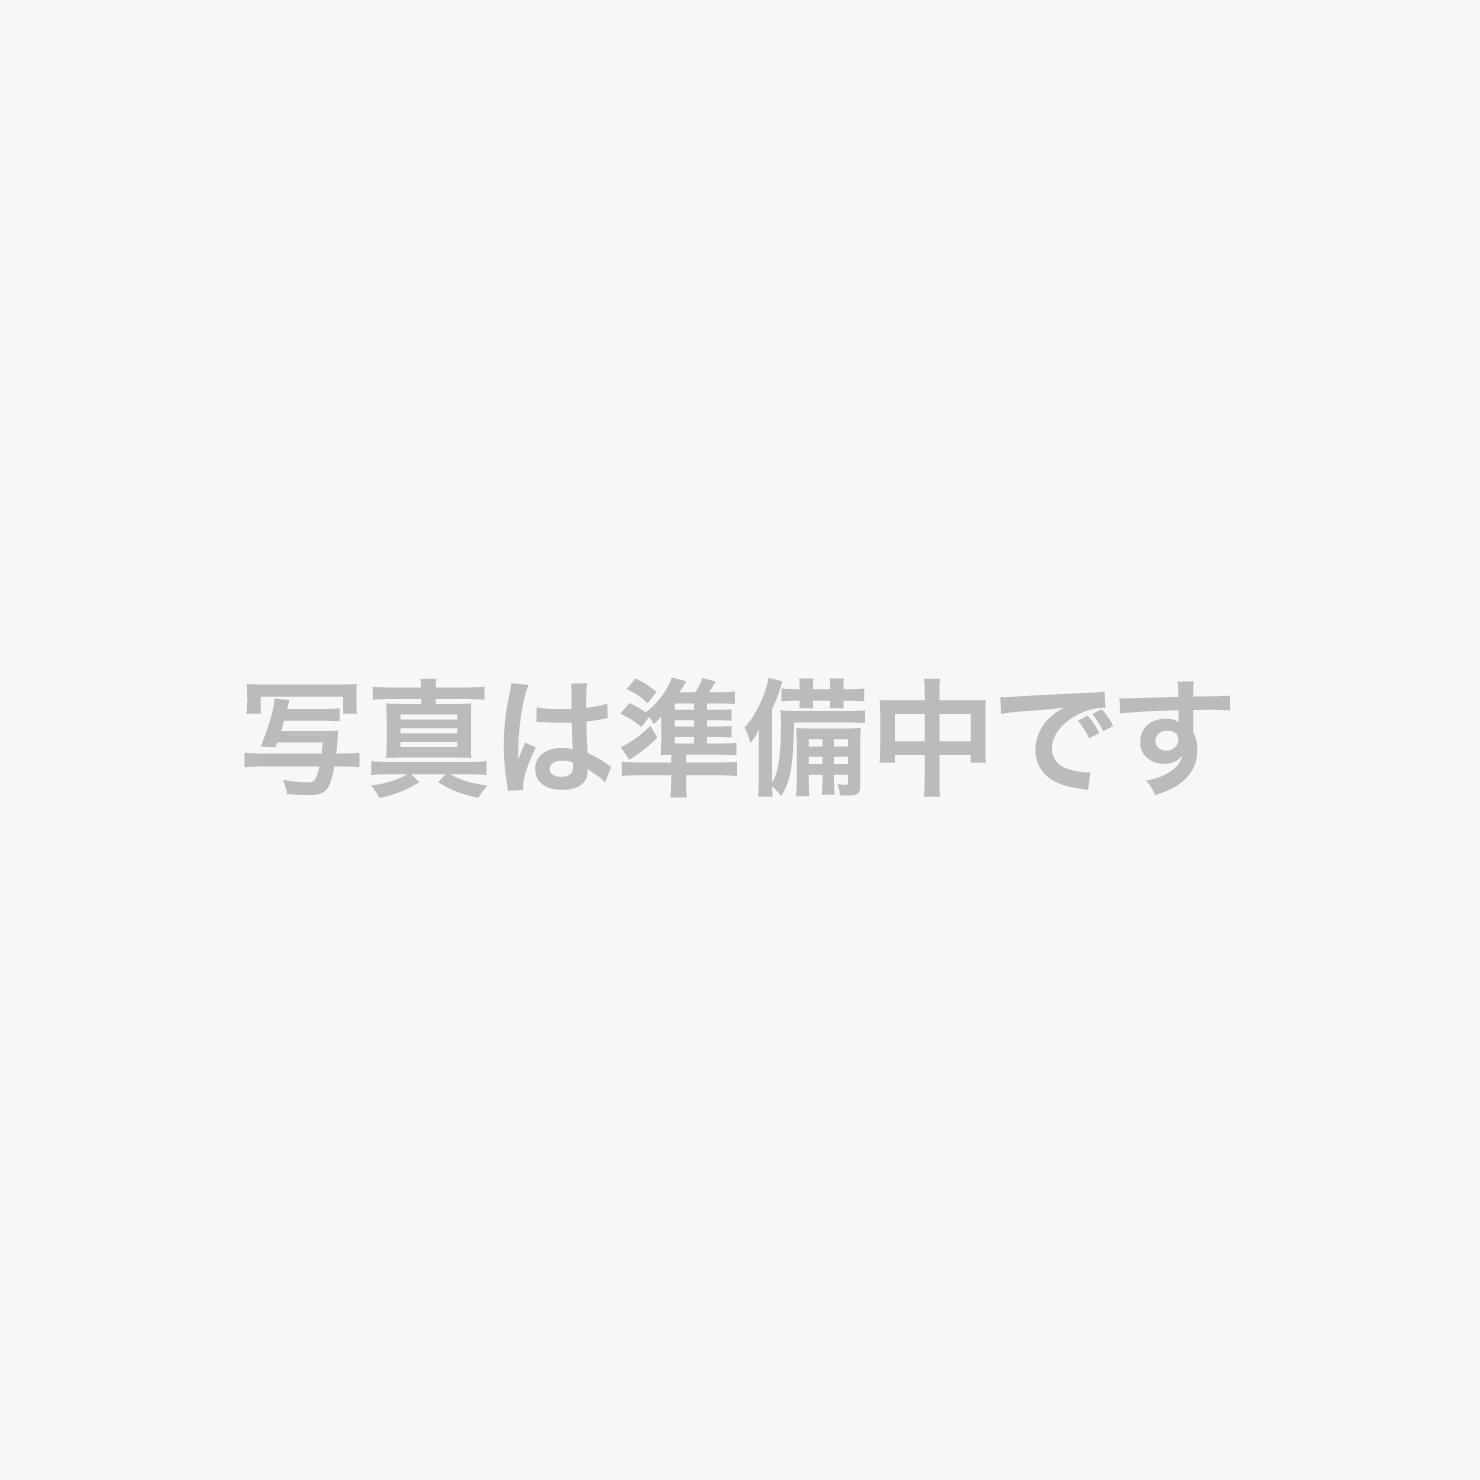 仙台万華鏡美術館 (写真提供:宮城県観光課)